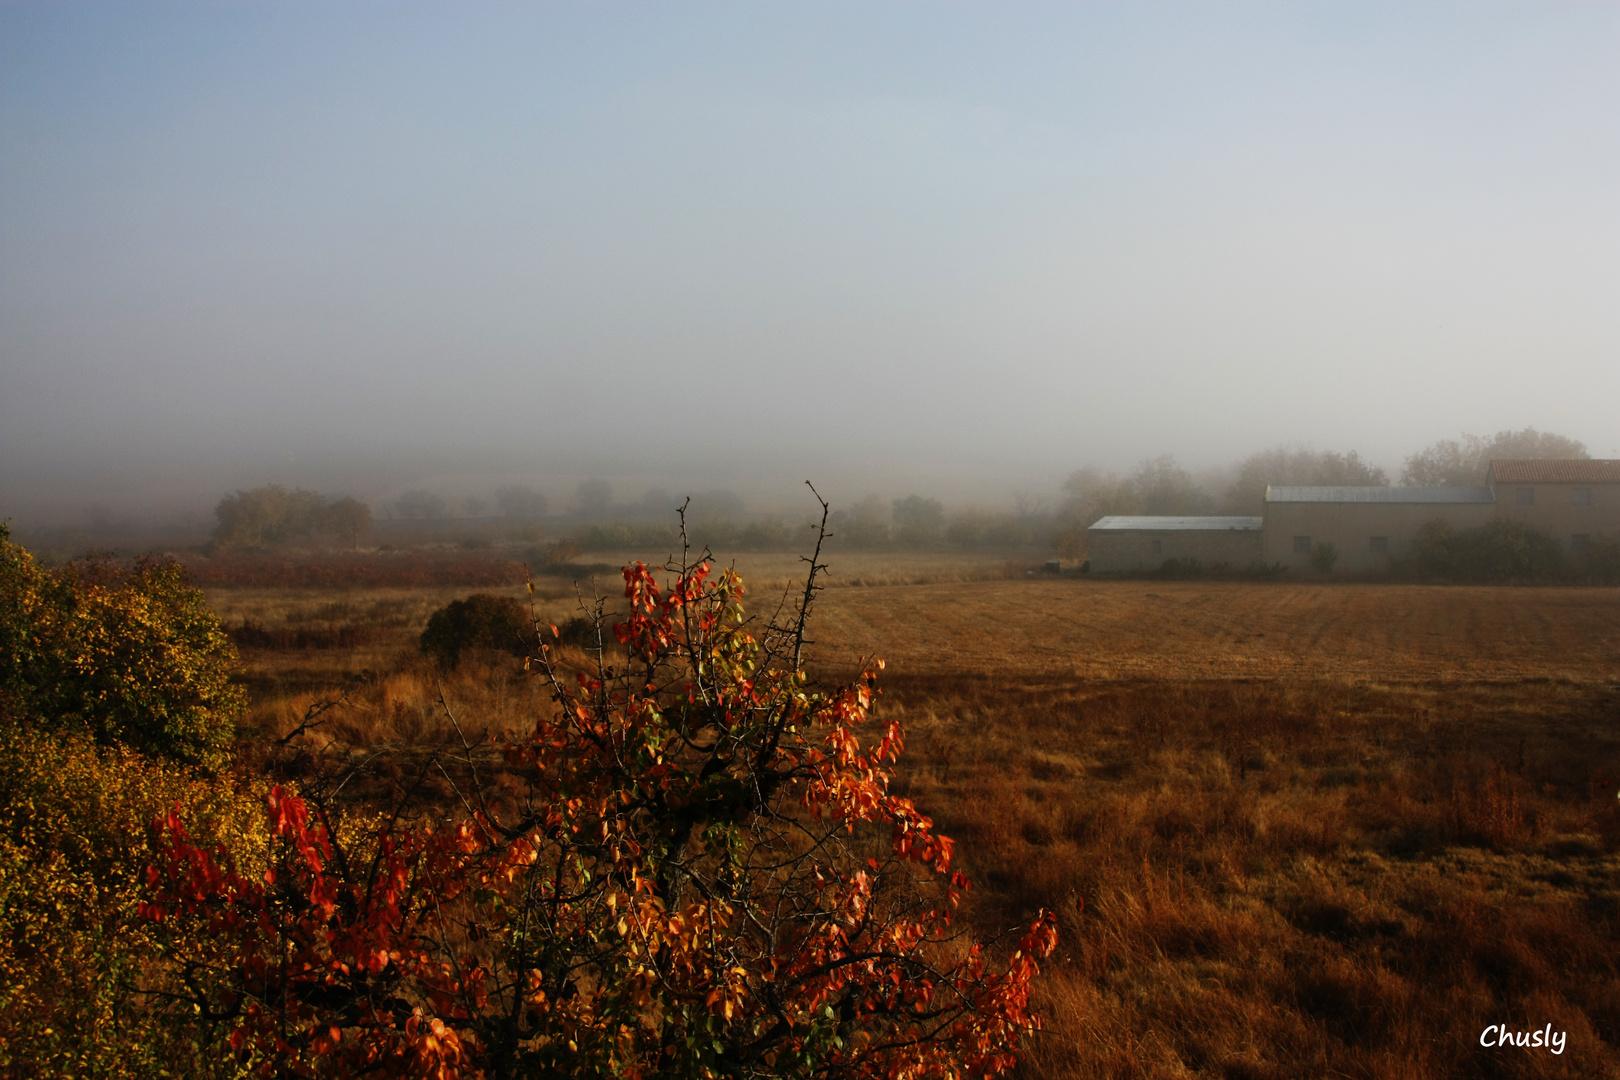 Otoño y niebla - Fall and Fog